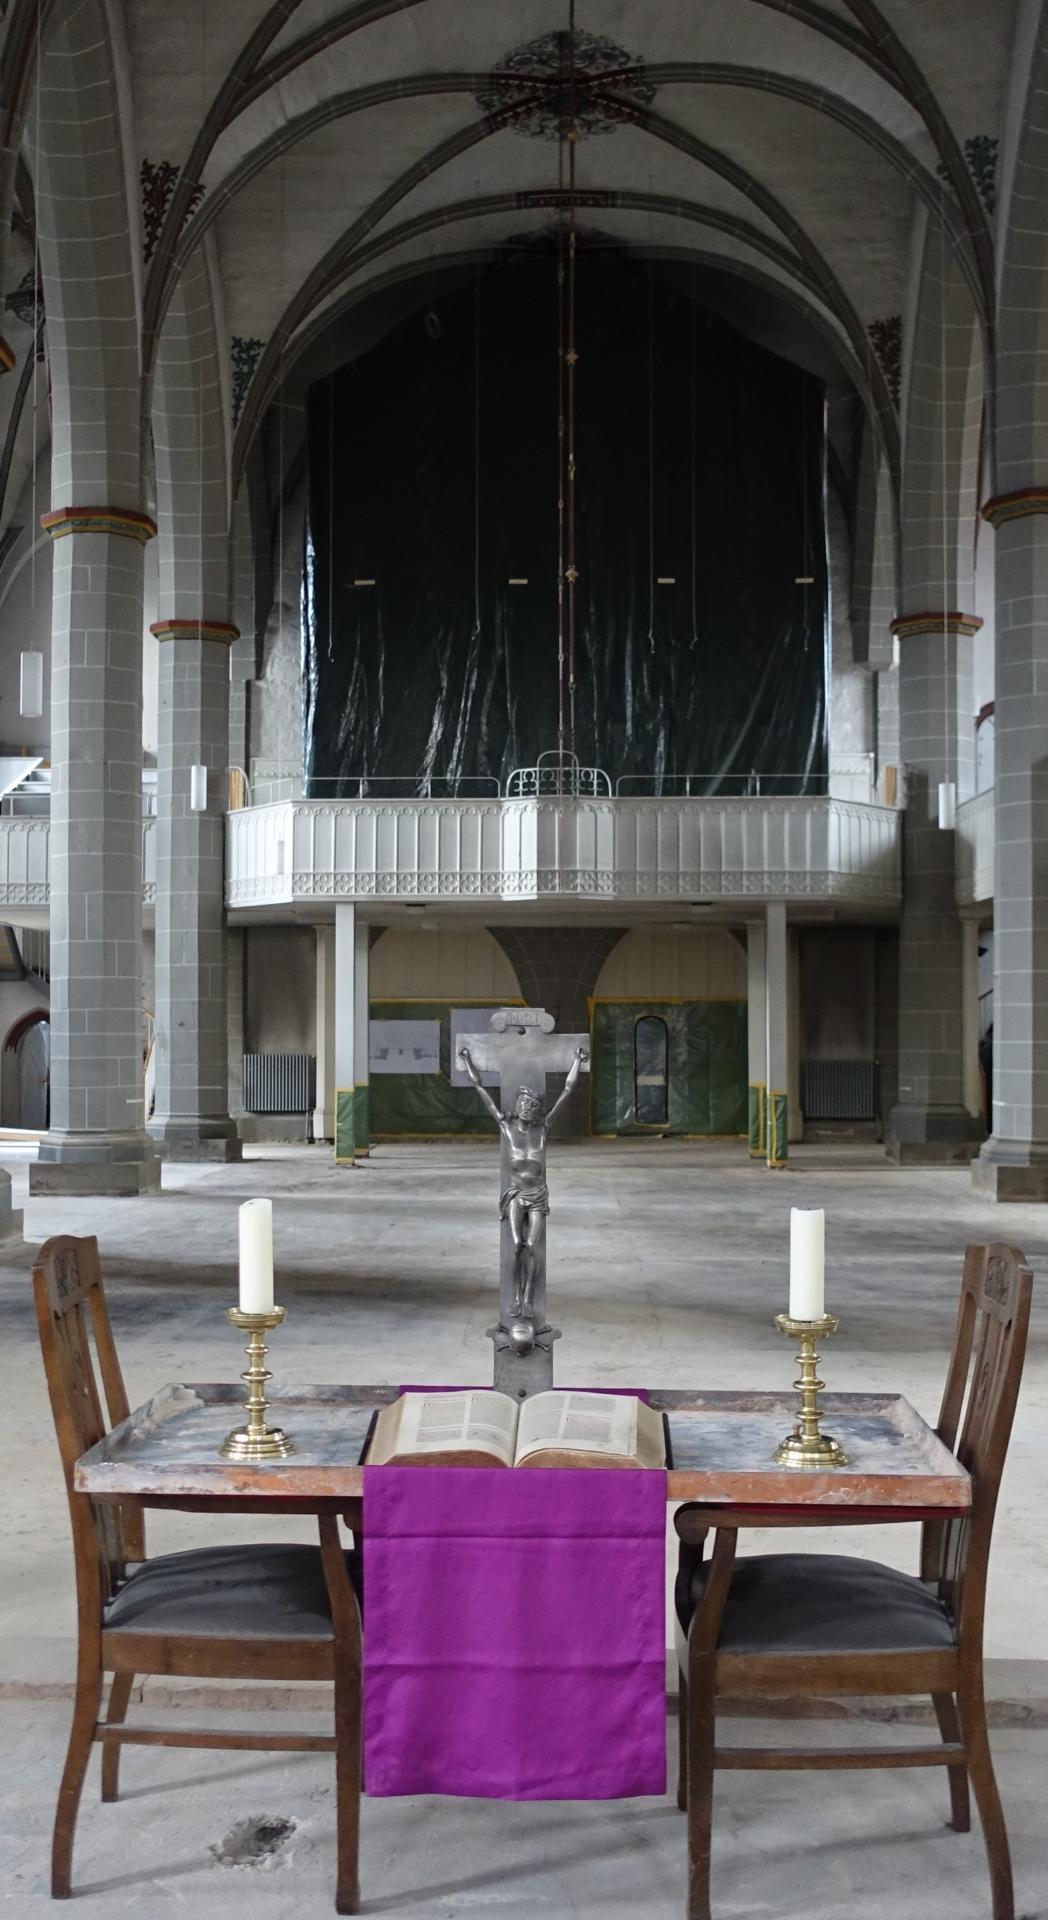 Der improvisierte Altar mit Eisendeckel aus der Kinderkirche und dem Lieblingskreuz von C.Hahn